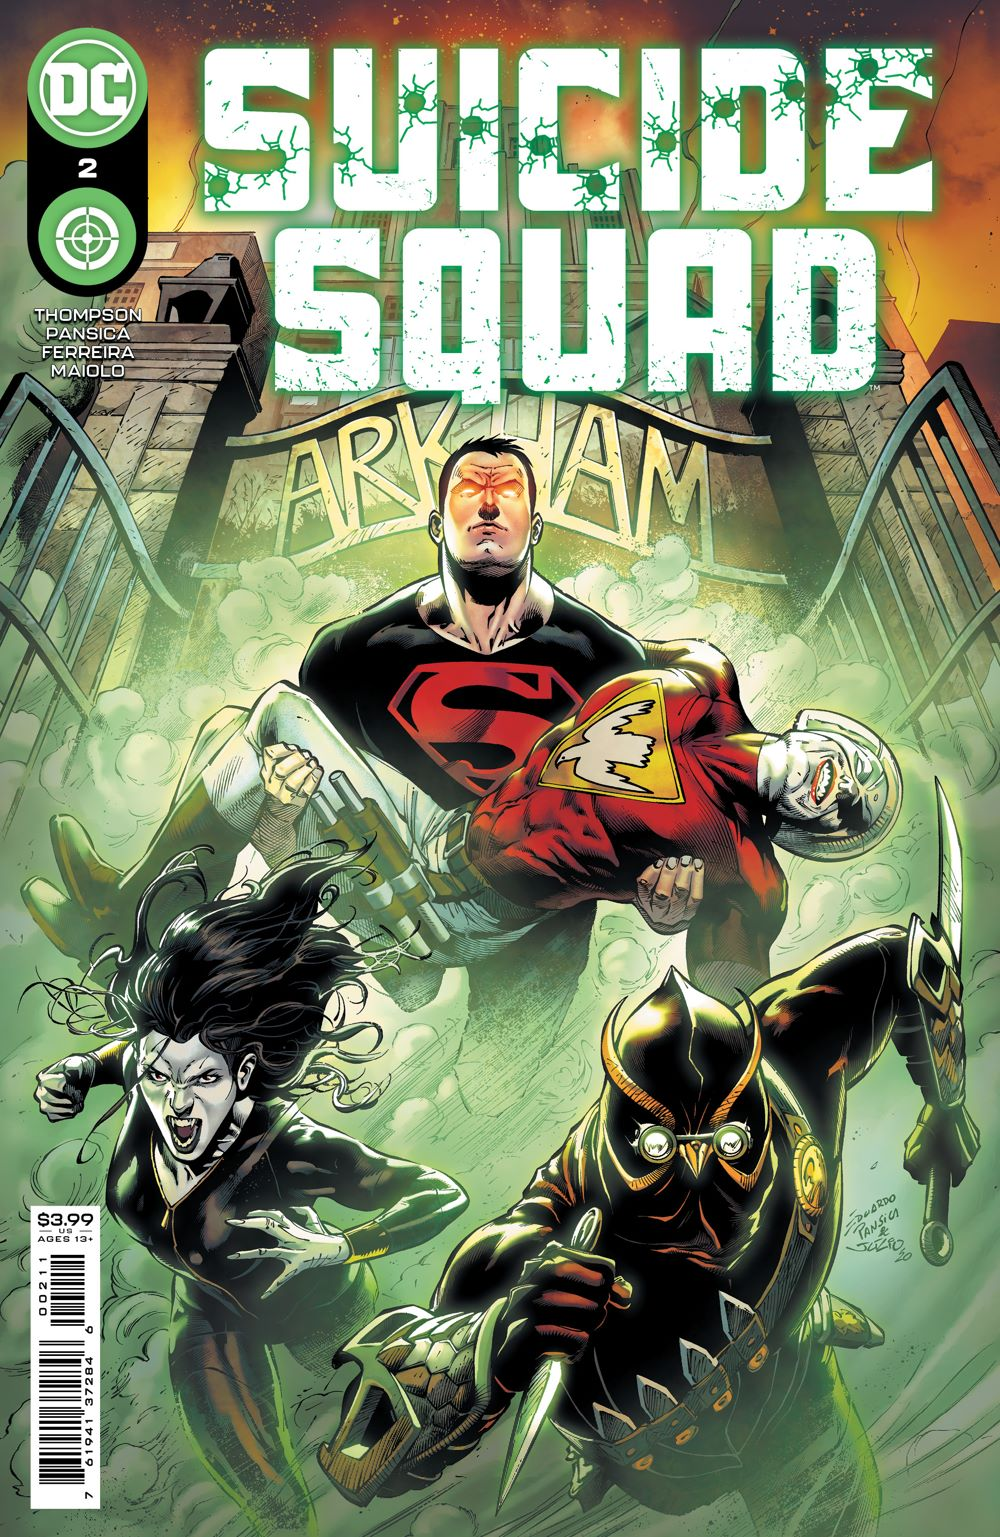 SUICIDESQUAD_Cv2 DC Comics April 2021 Solicitations